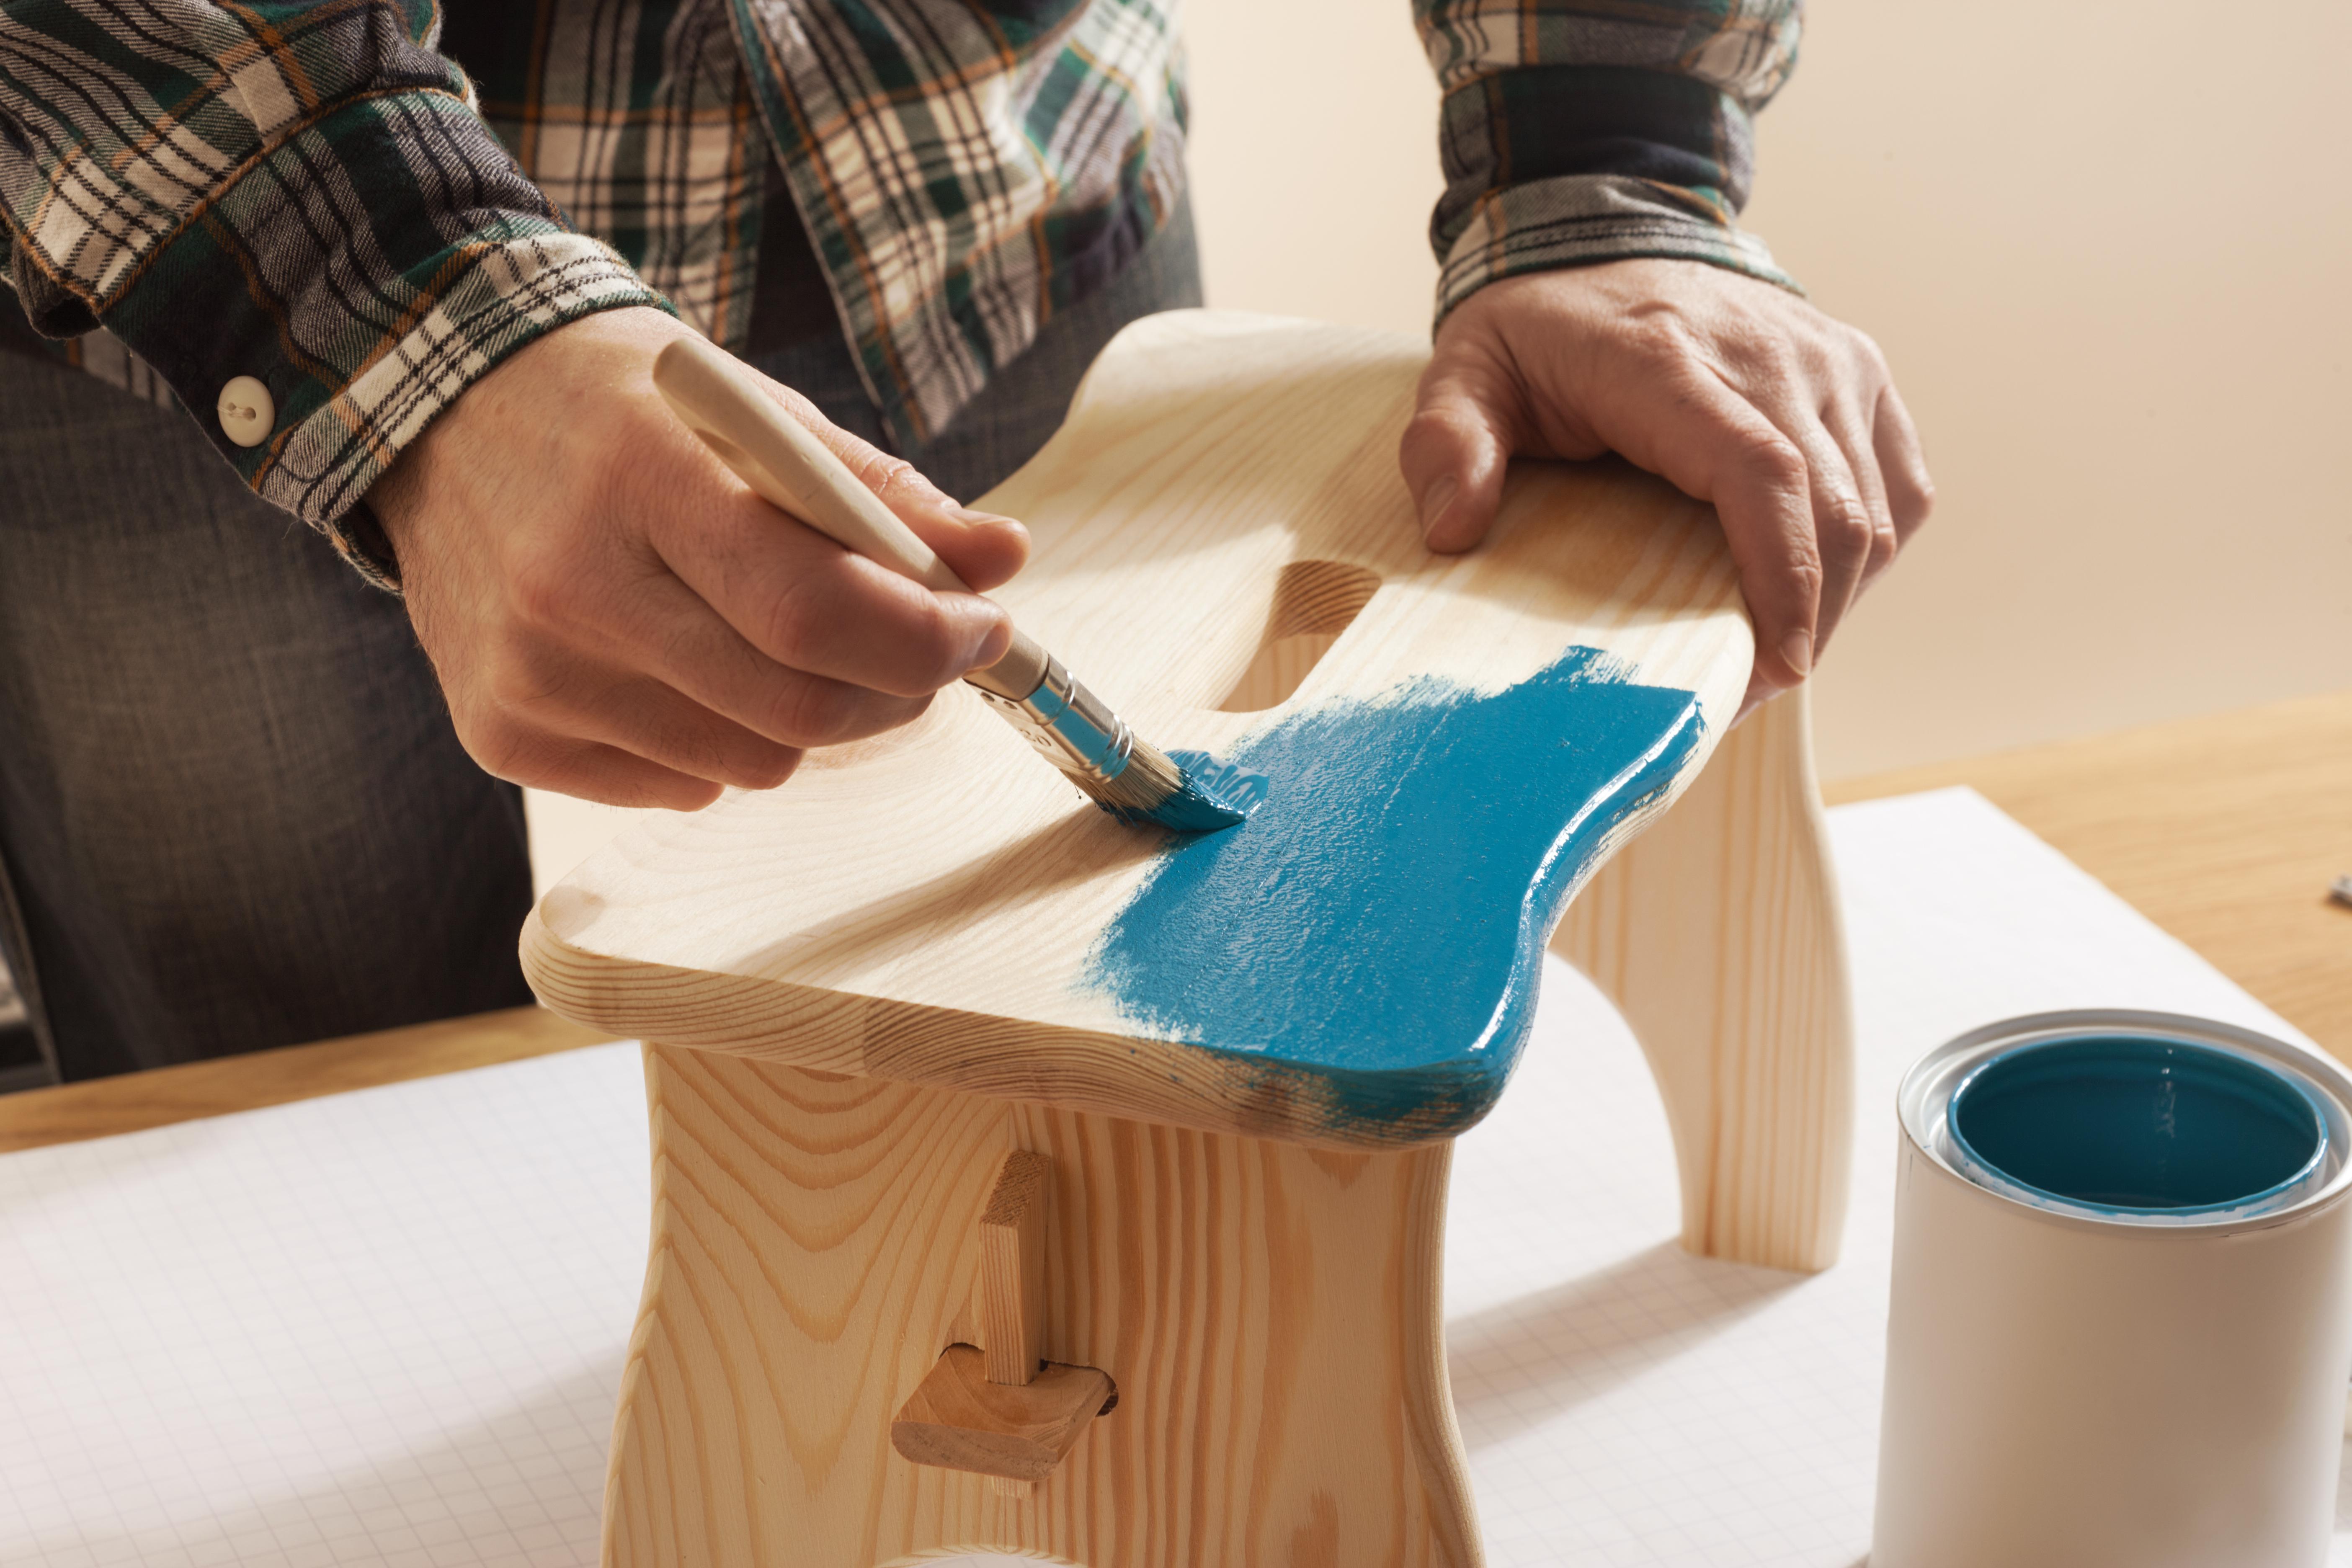 Imagem de uma pessoa pintando um banquinho para inspirar o empreendedor que deseja montar um serviço de restauração de móveis